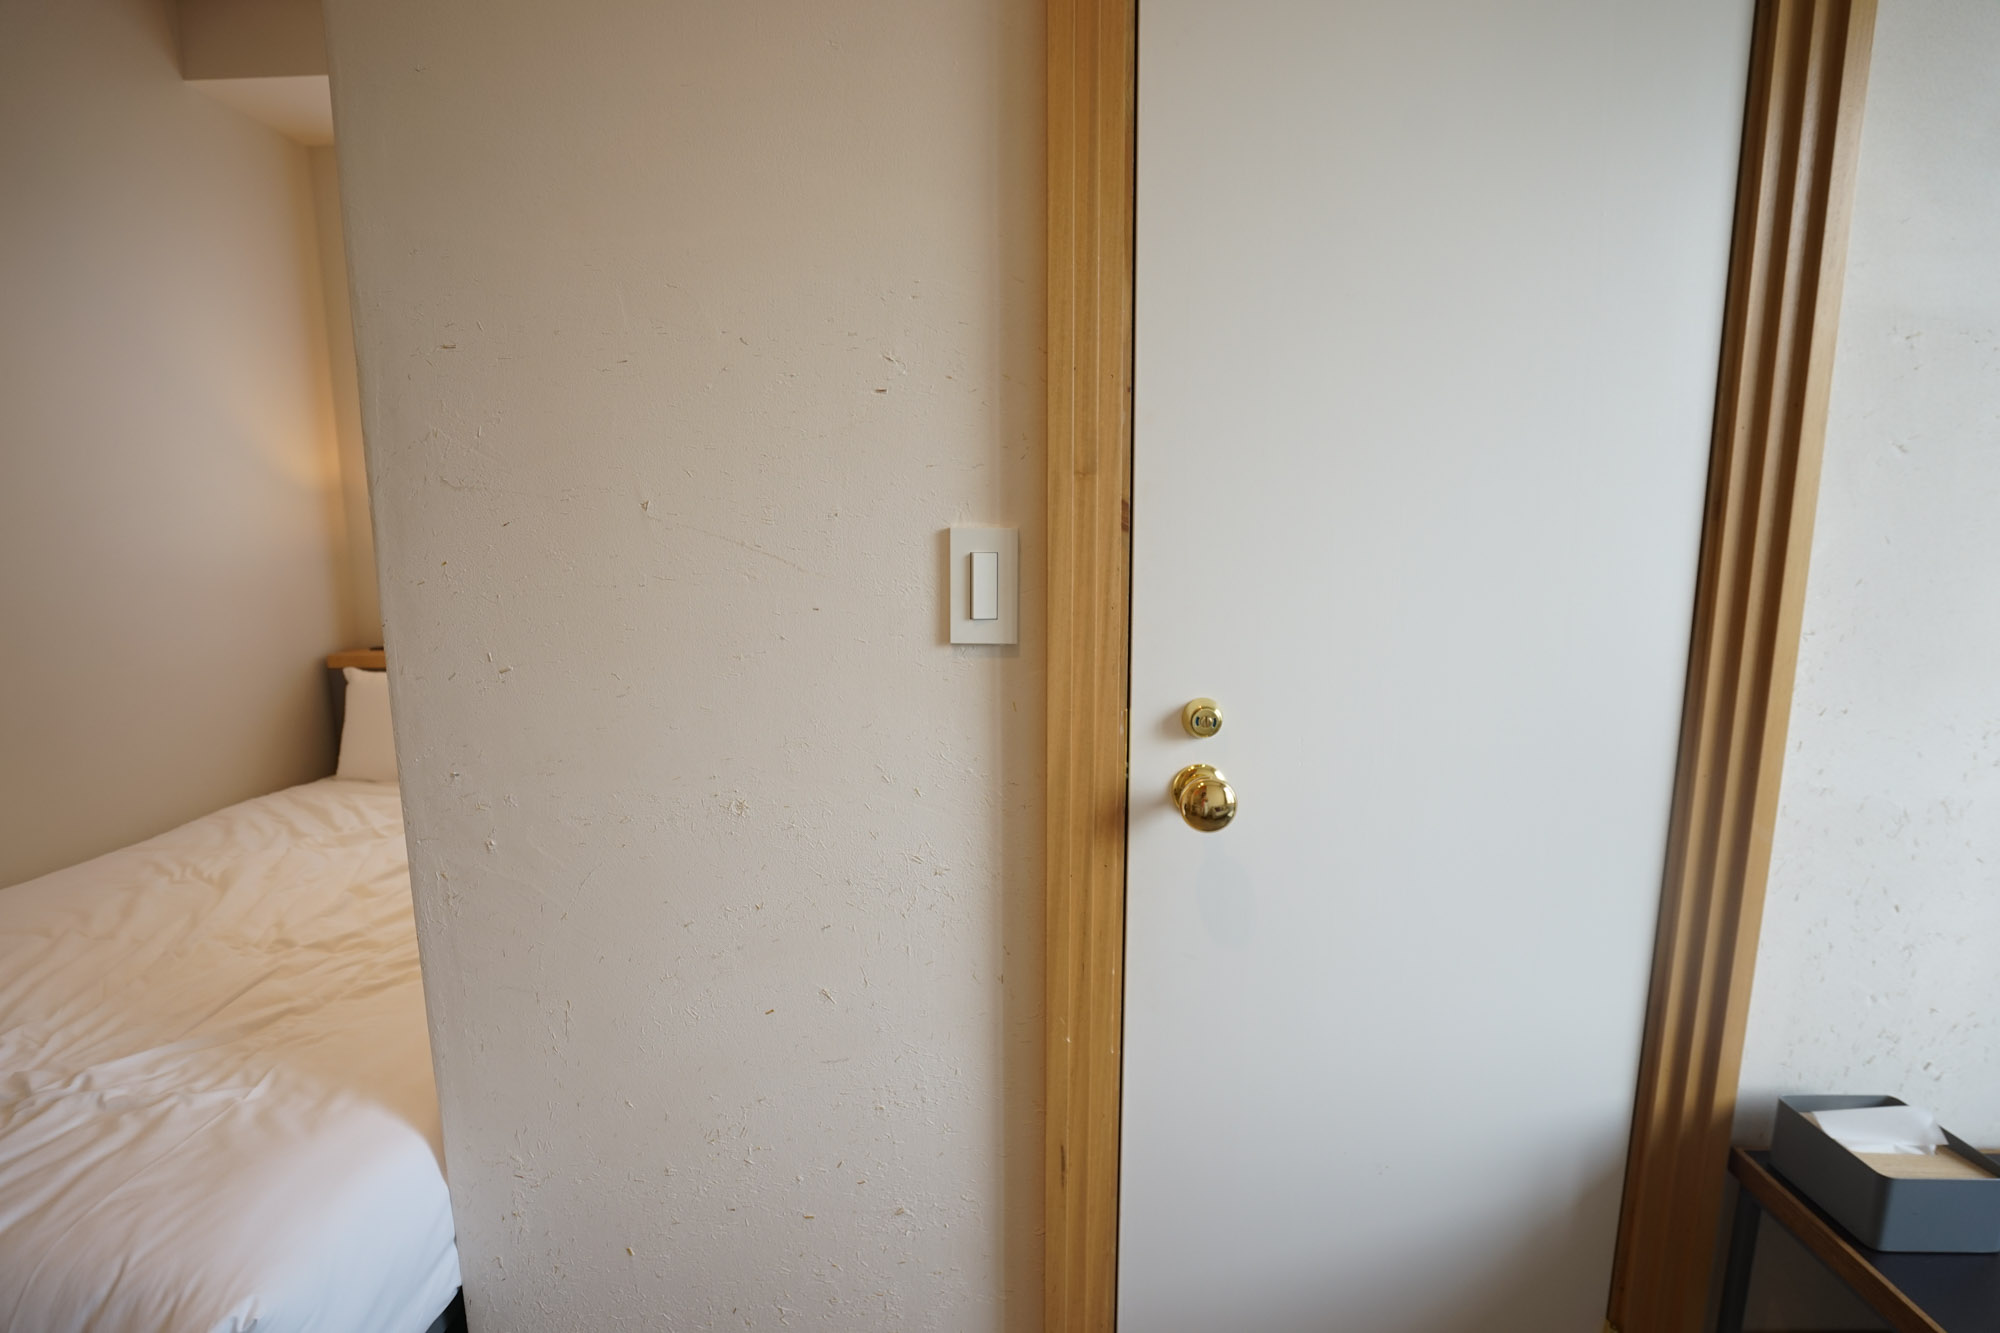 こちら、ゴールドの取っ手がついたドアの向こうが、バスルーム&サニタリースペースです。